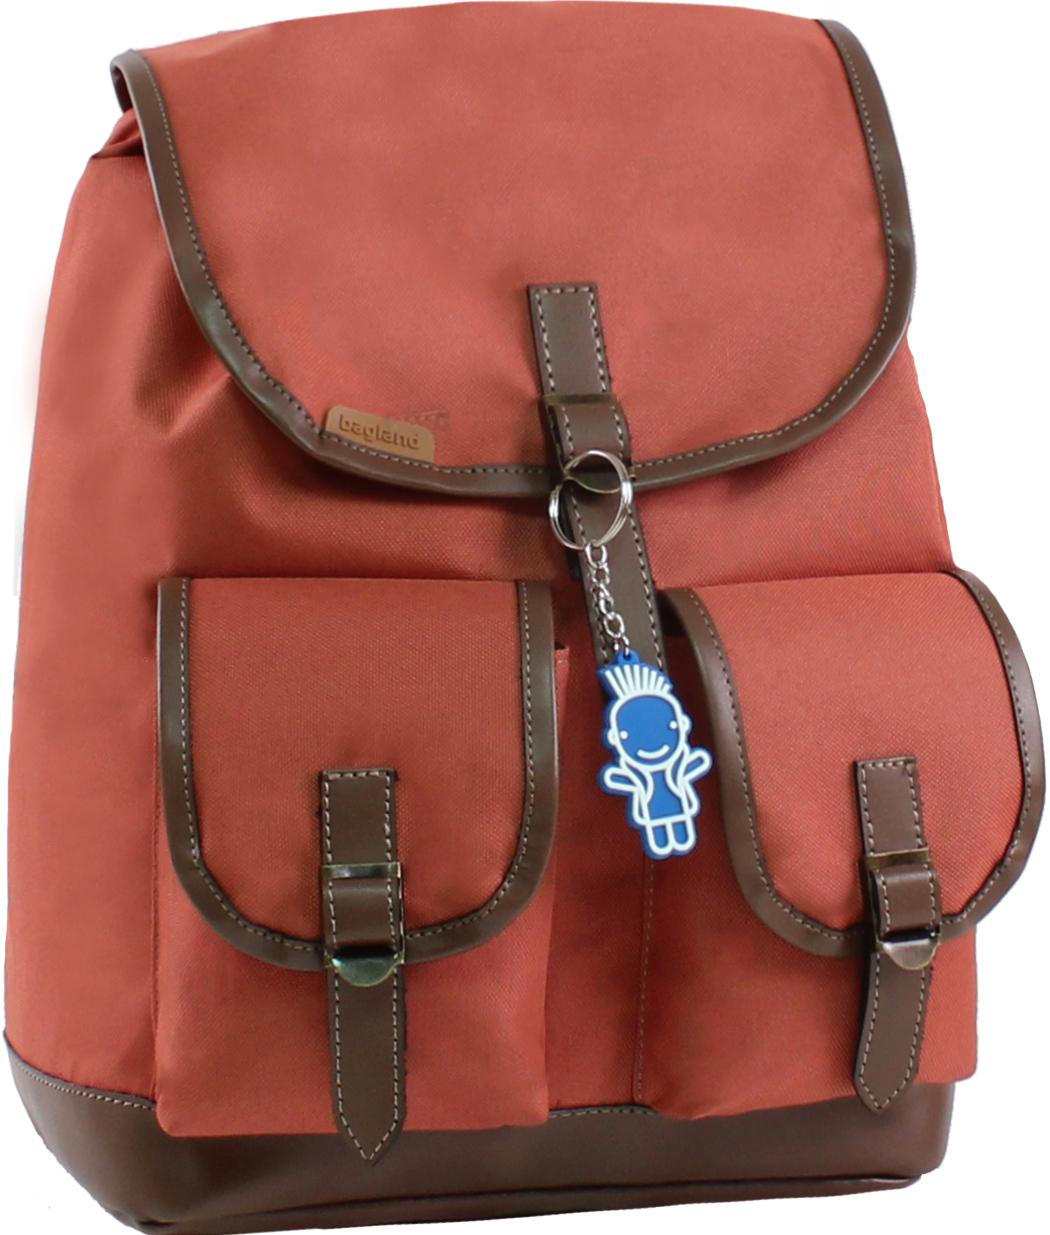 Городские рюкзаки Рюкзак Bagland Amy 16 л. 286 кирпич (0013066) IMG_8004.JPG